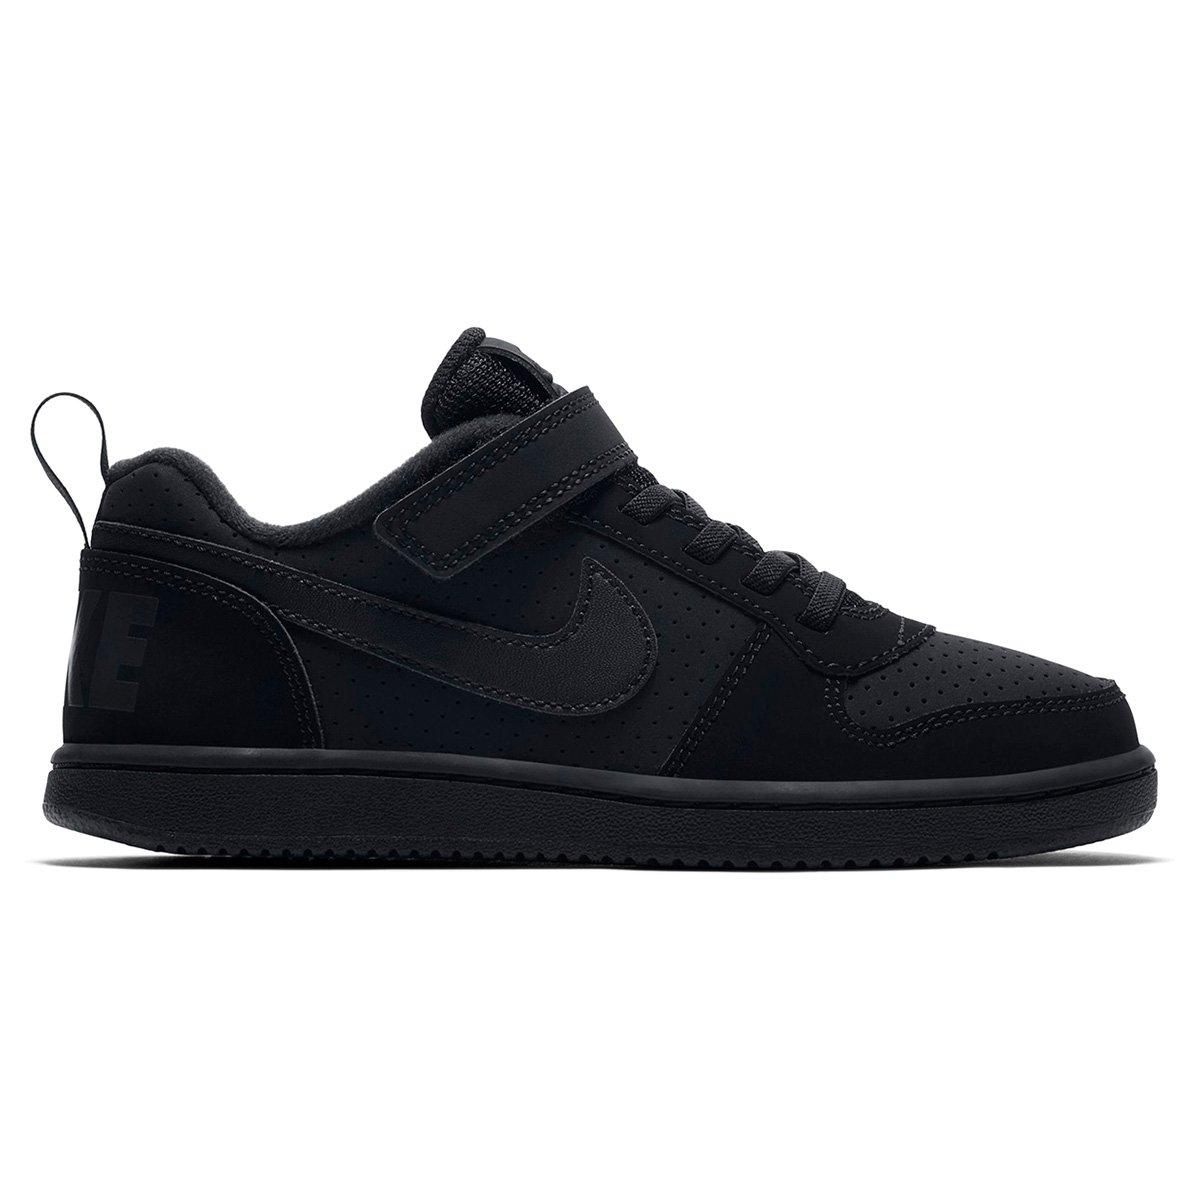 715def4e329 Tênis Infantil Nike Court Borough Low - Preto - Compre Agora